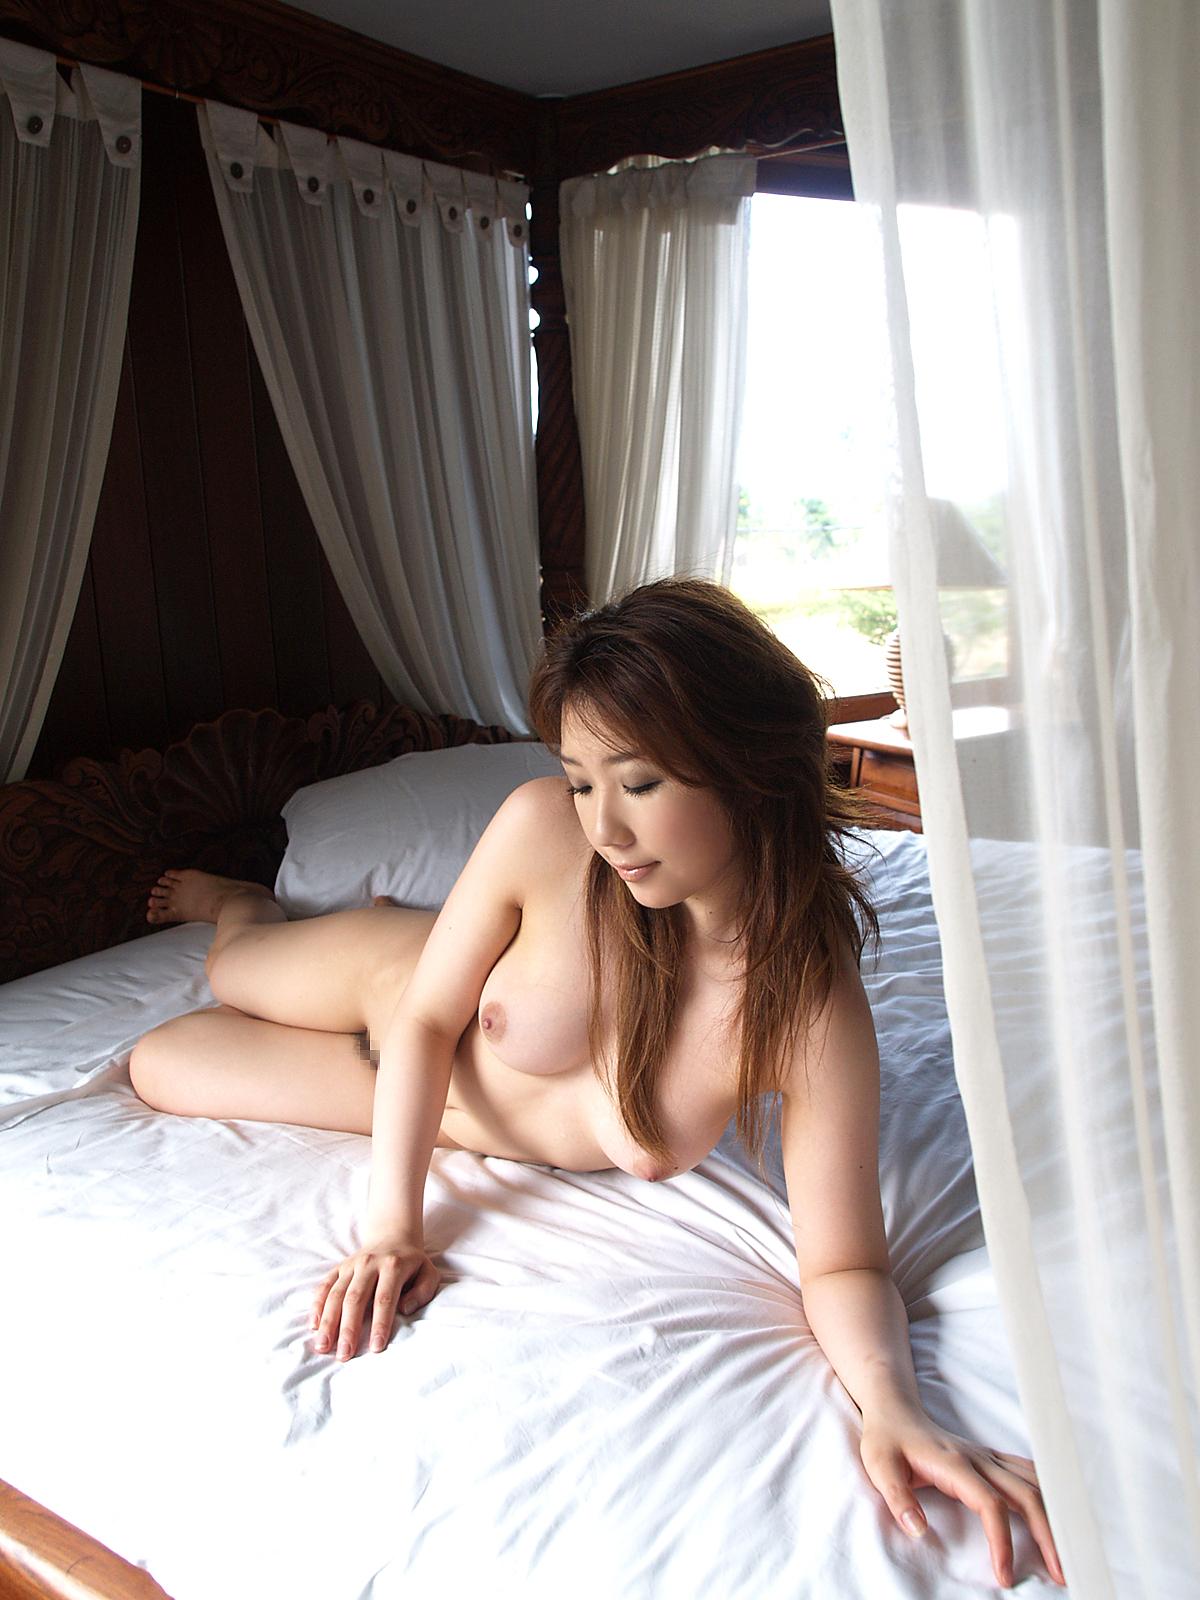 美女全裸画像 58